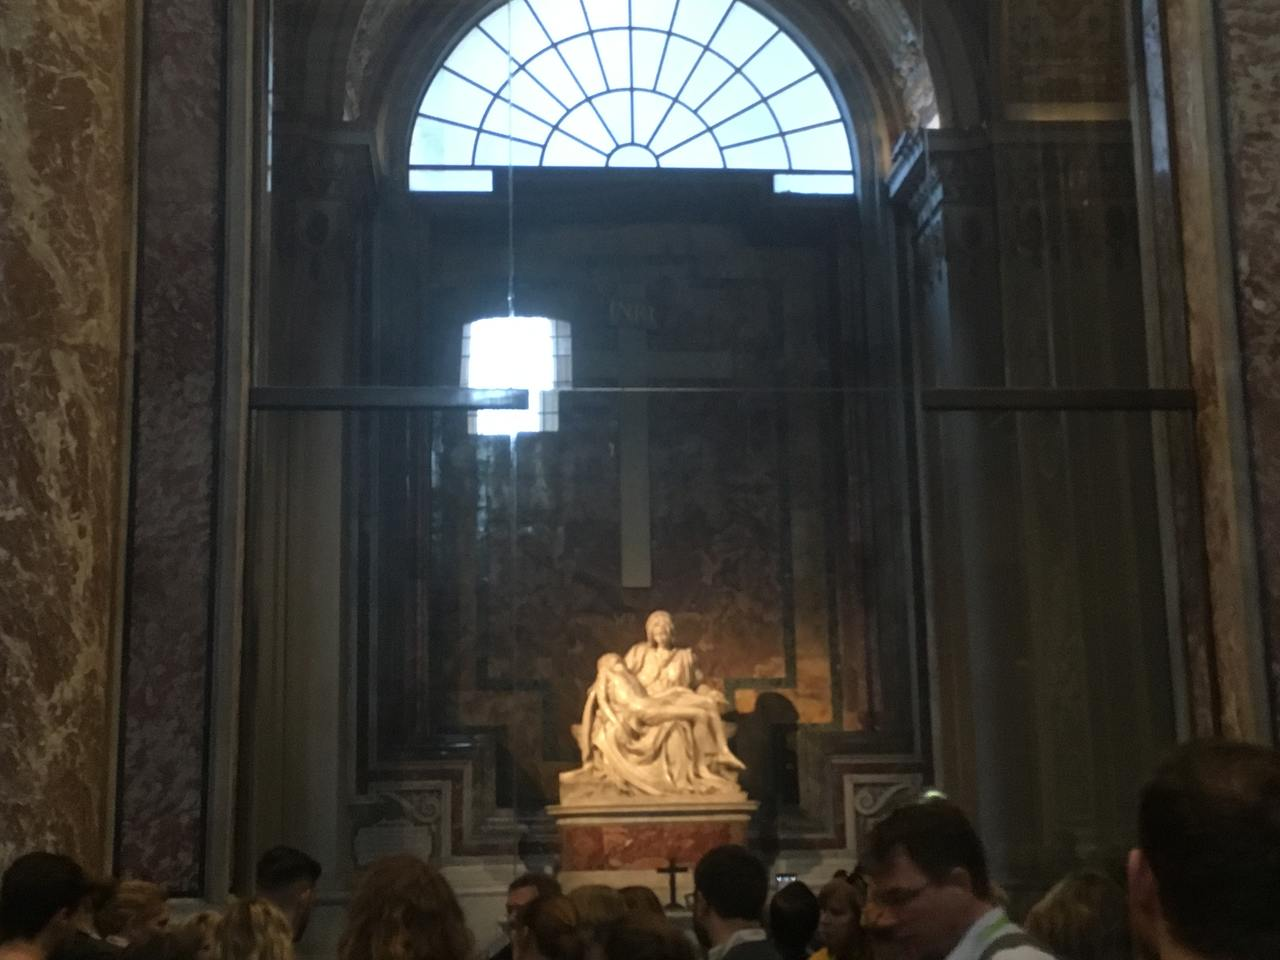 Estátua de Pieta em Roma. Foto de Inês Marques